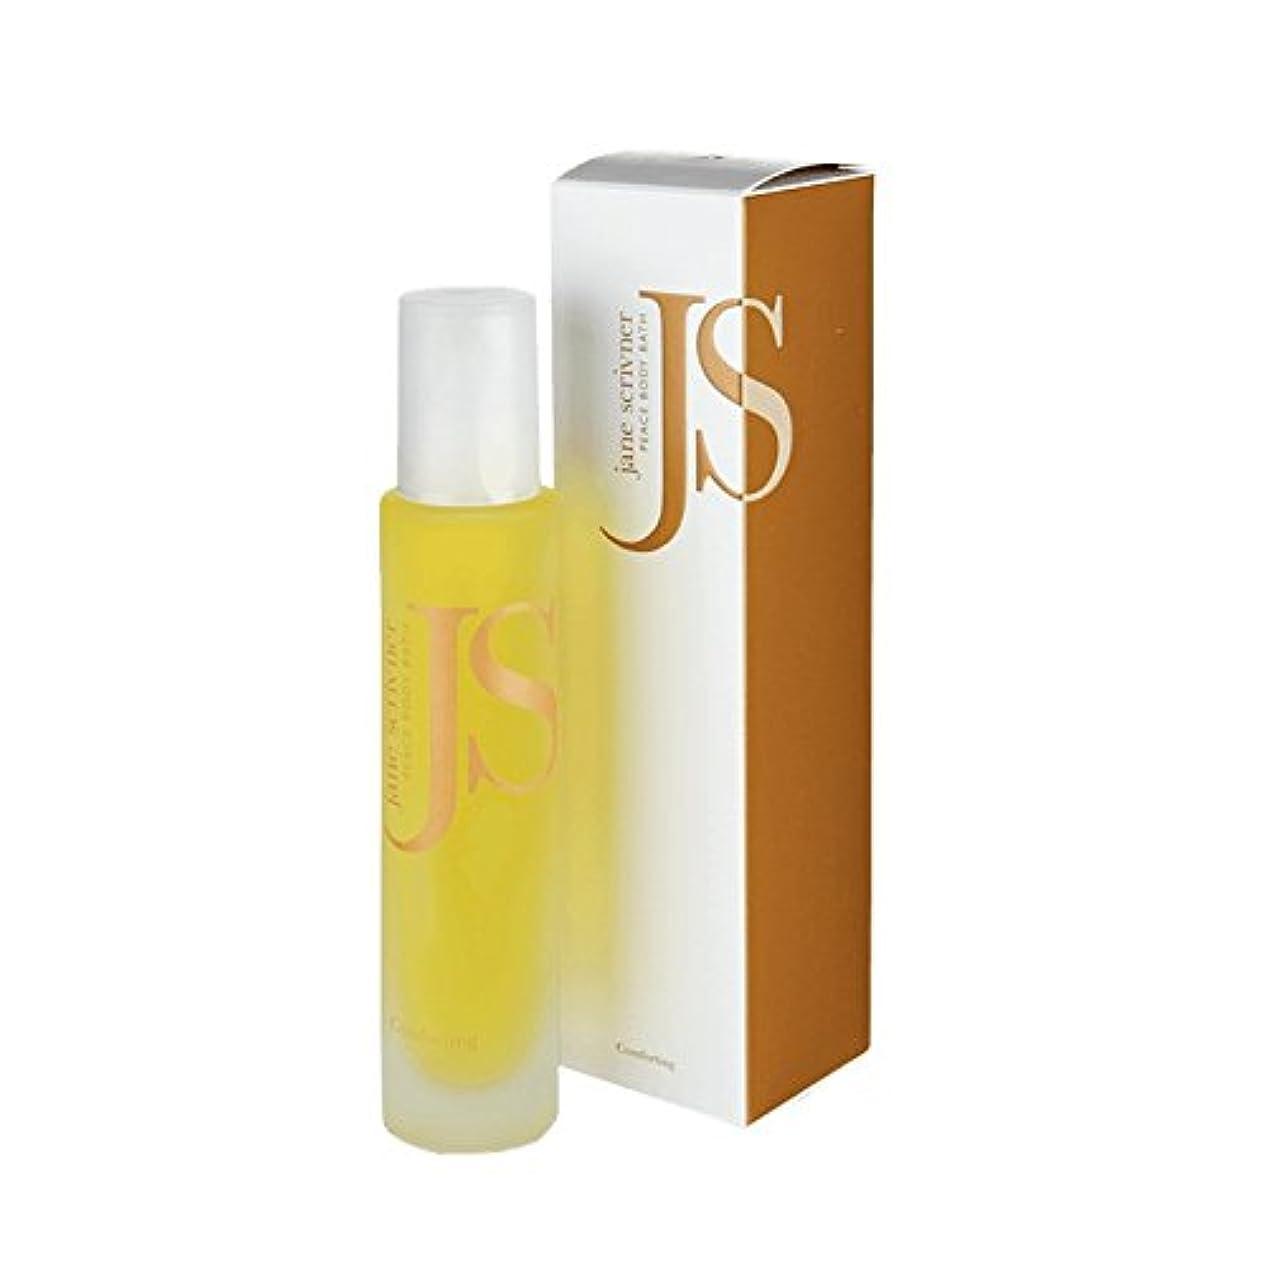 お別れ静かに恐れるジェーンScrivnerボディバスオイル平和100ミリリットル - Jane Scrivner Body Bath Oil Peace 100ml (Jane Scrivner) [並行輸入品]